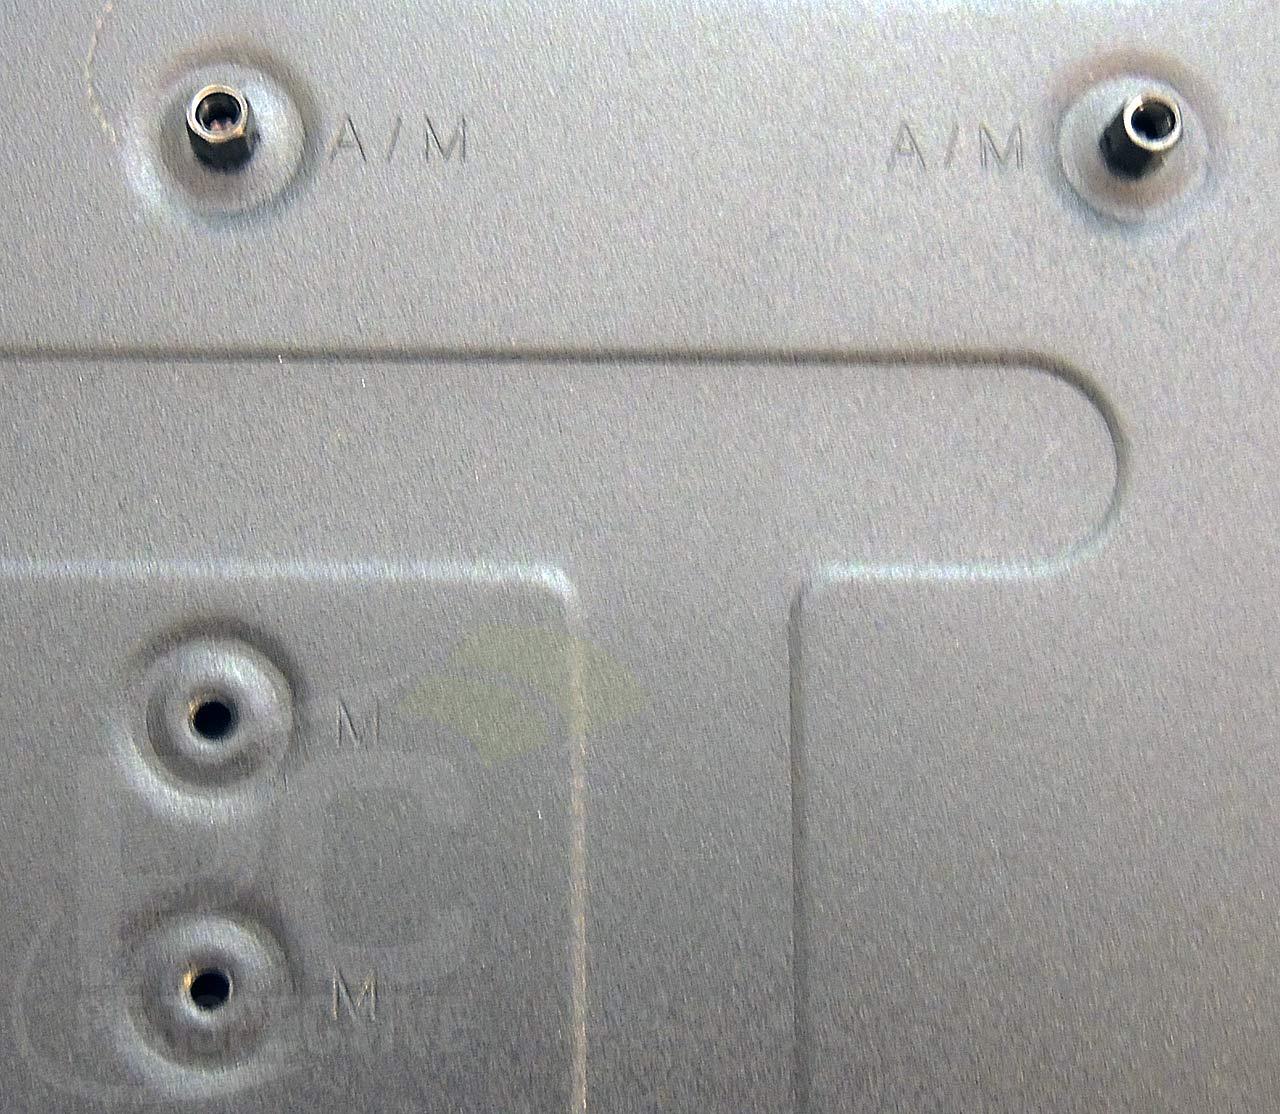 04-mbtray-upright-type-markings.jpg